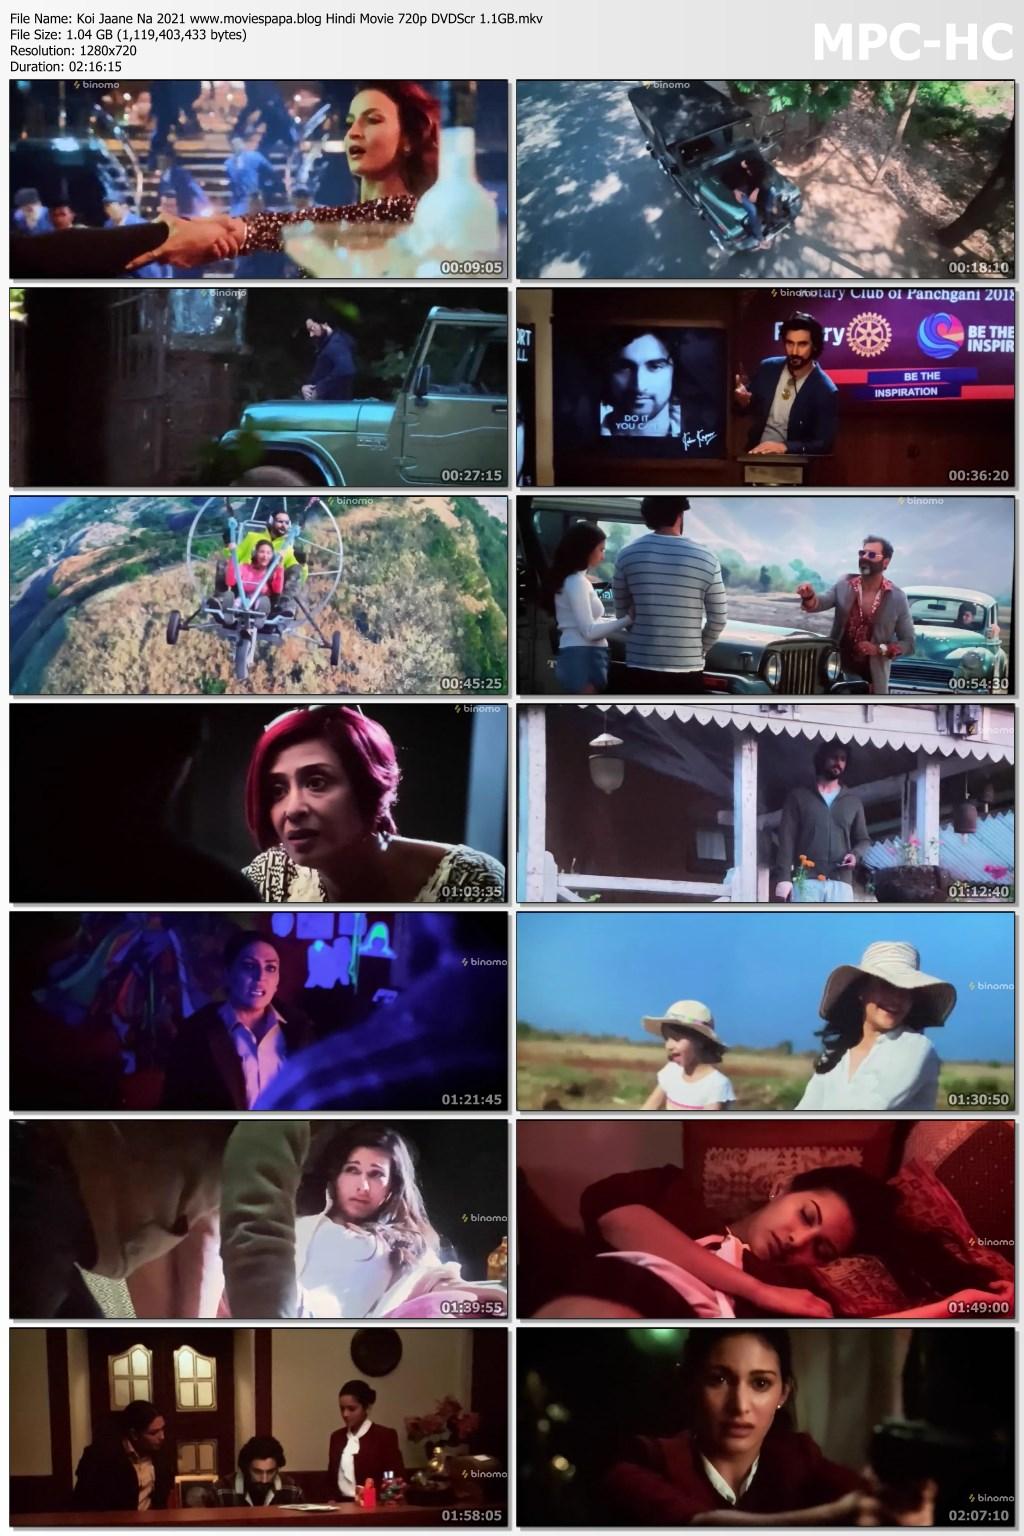 Koi Jaane Na 2021 screenshot HDMoviesFair